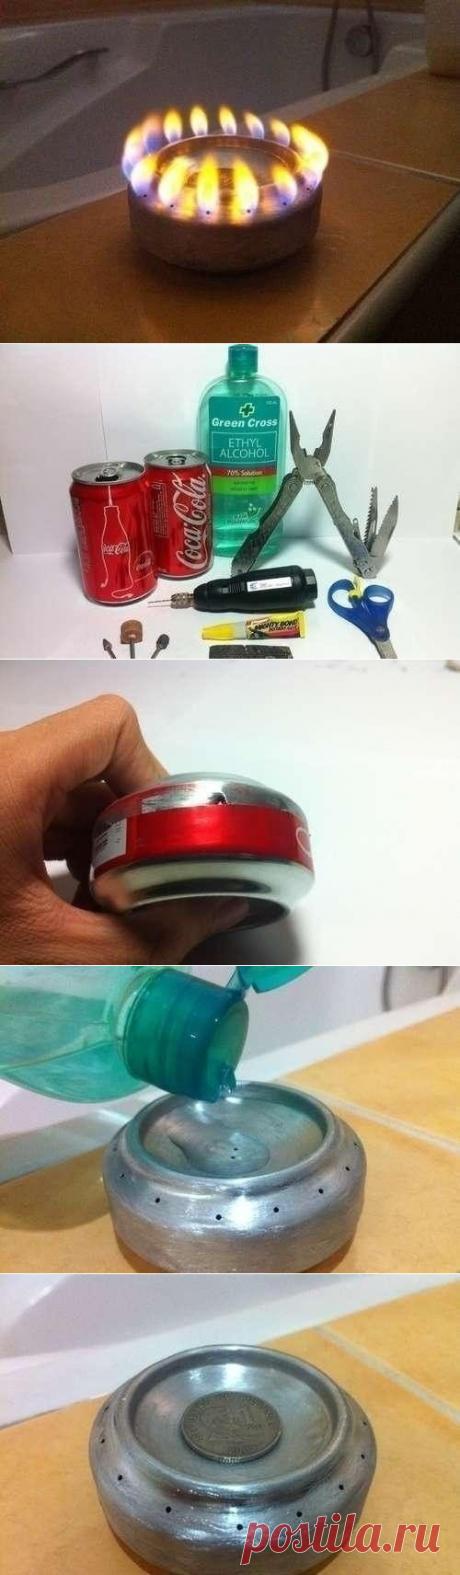 Как сделать вай фай роутер своими руками в домашних условиях